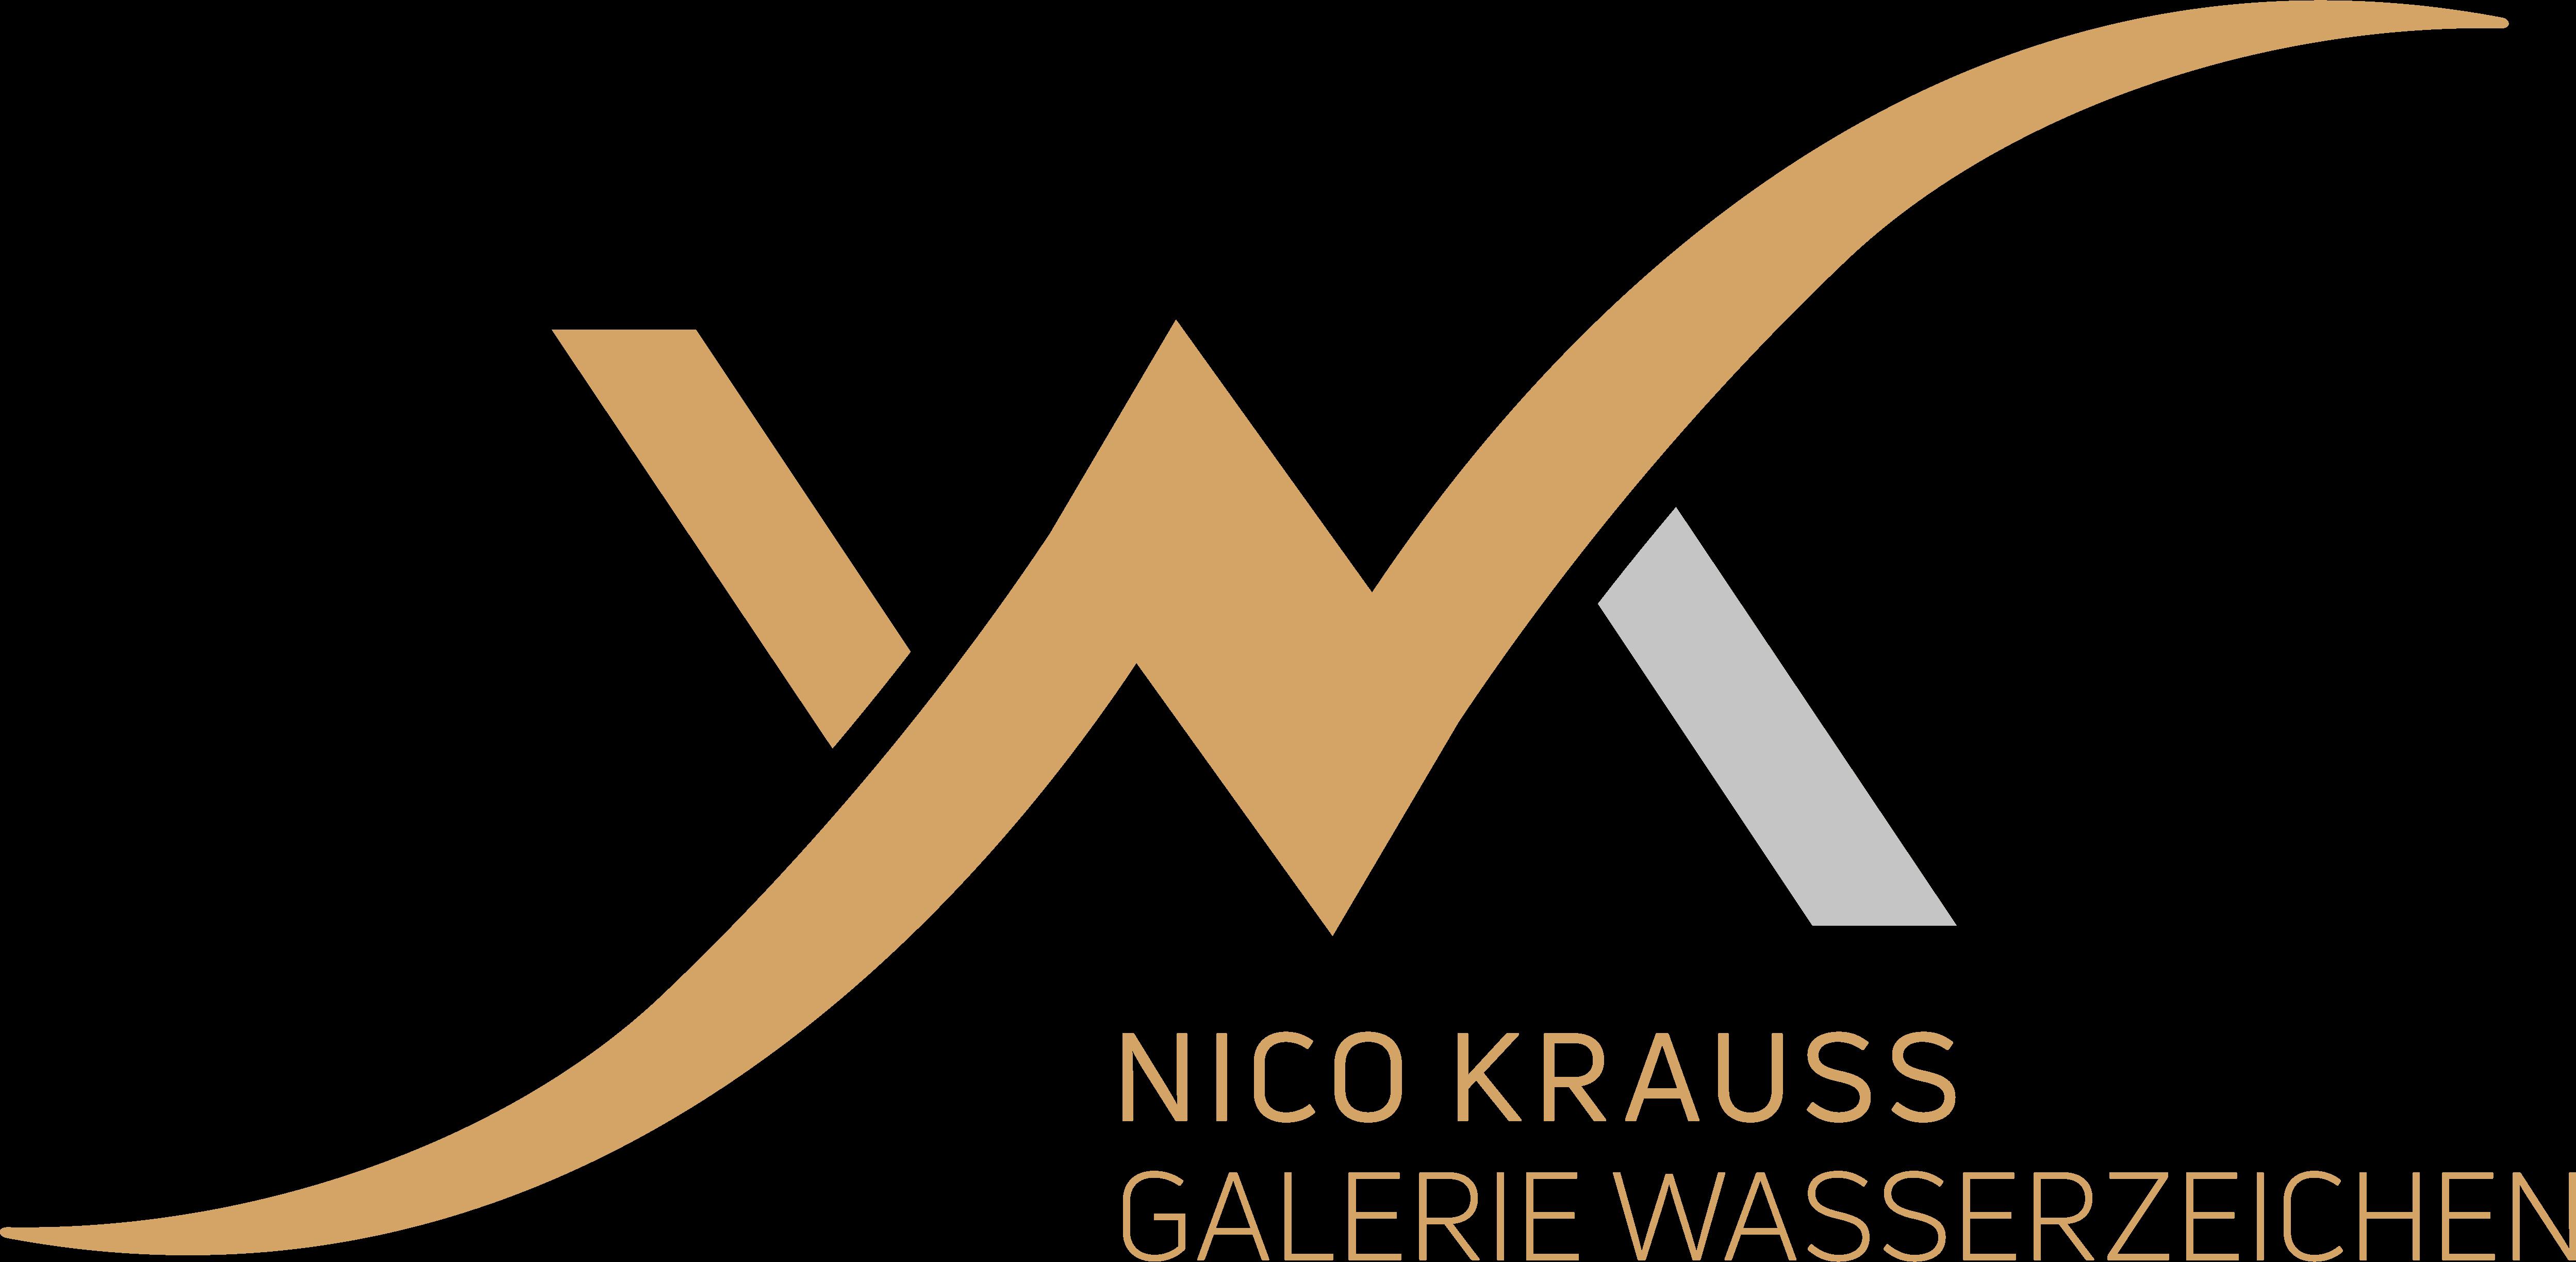 Galerie Wasserzeichen